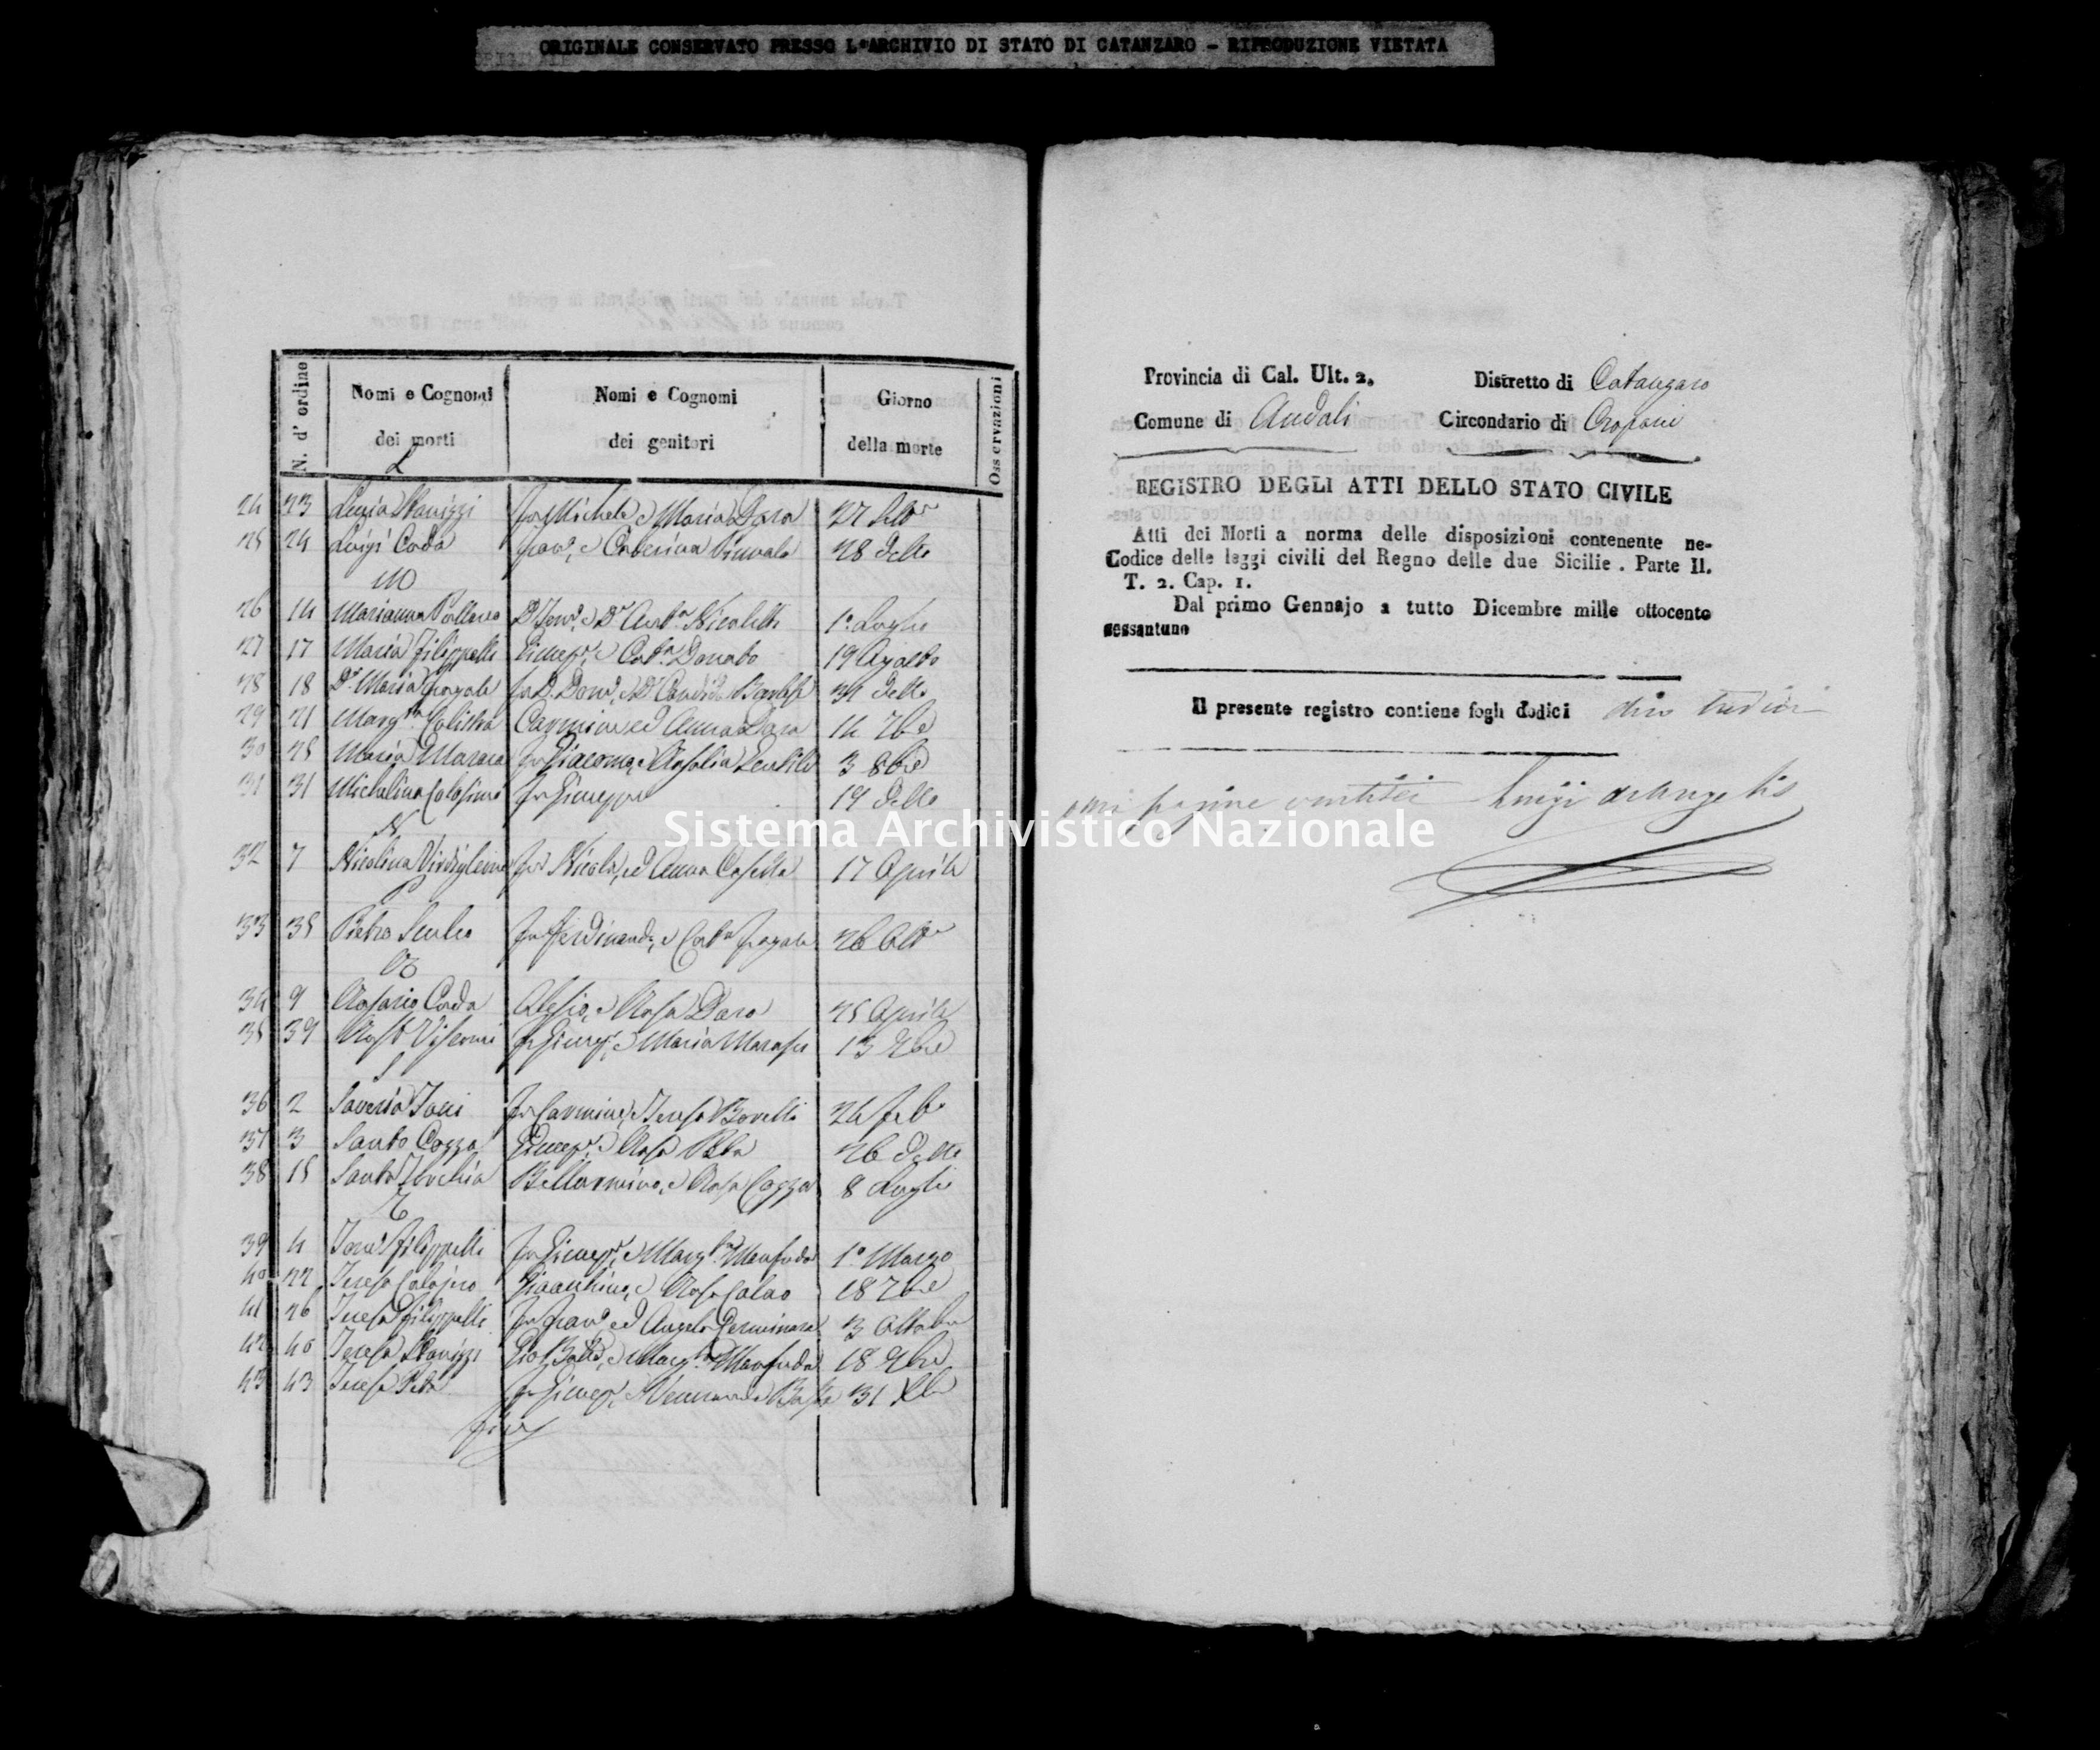 Archivio di stato di Catanzaro - Stato civile italiano - Andali - Morti - 1861 -